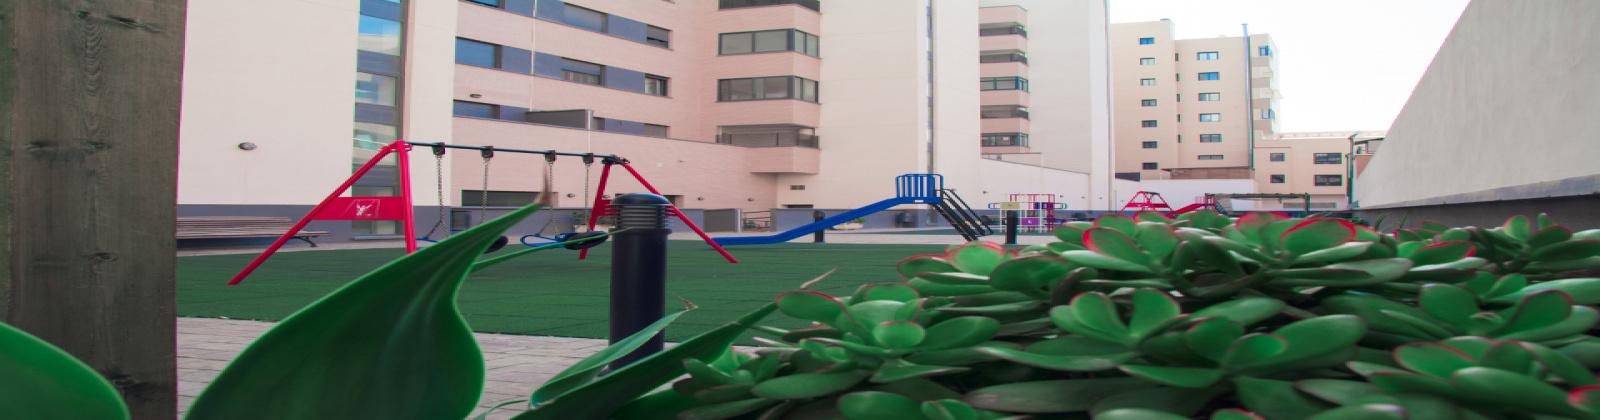 Avenida Torrecardenas 64, Almería, Almería 04009, 1 Dormitorio Habitaciones, ,1 BañoBathrooms,Viviendas,En venta,Edificio Europa,Avenida Torrecardenas,1007